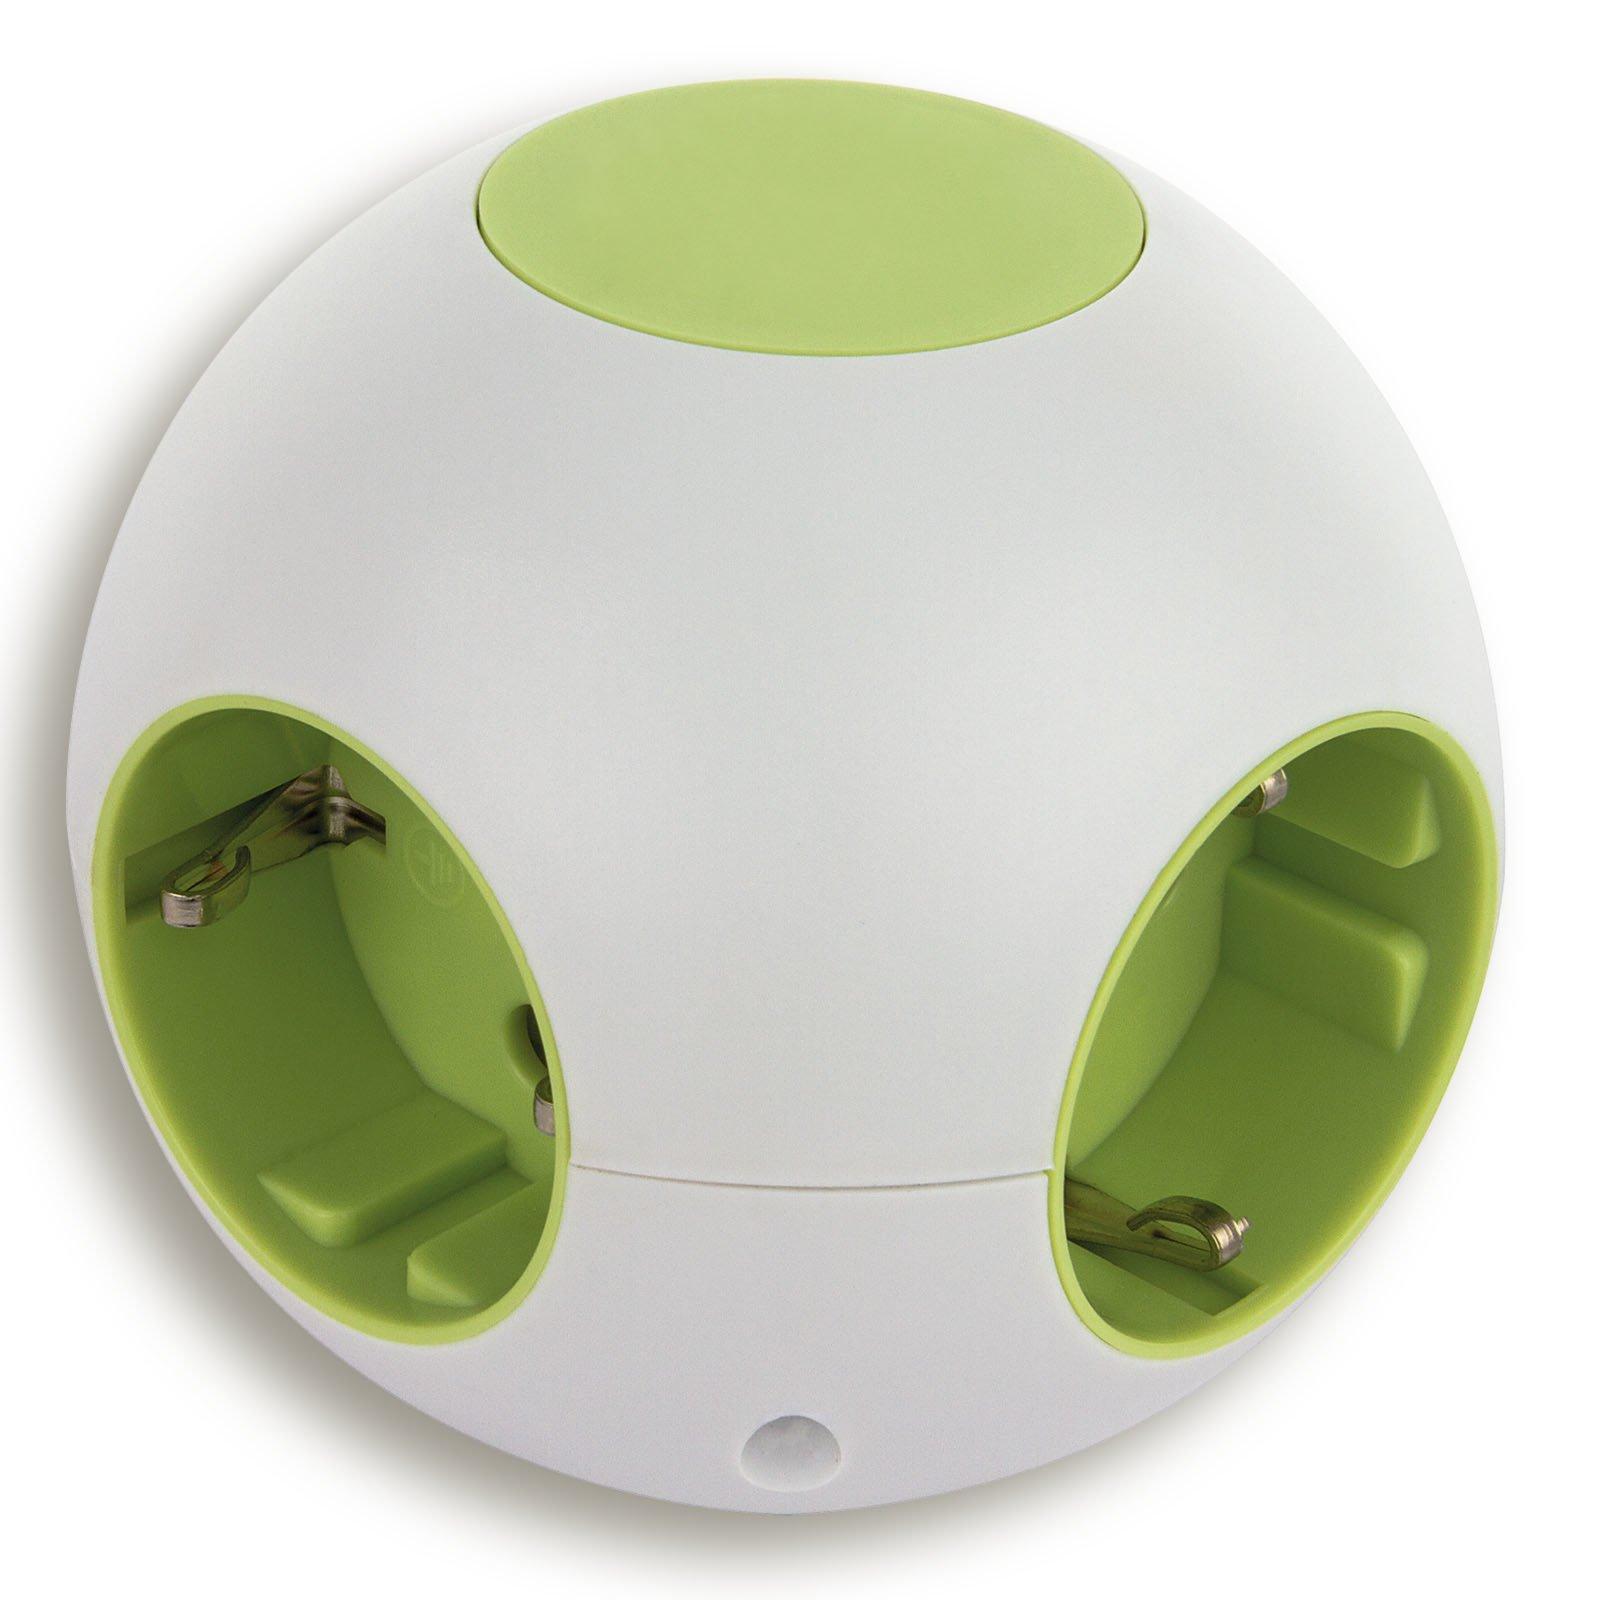 steckdosen kugel power globe kindersicherung steckdosen und kabel elektro und. Black Bedroom Furniture Sets. Home Design Ideas